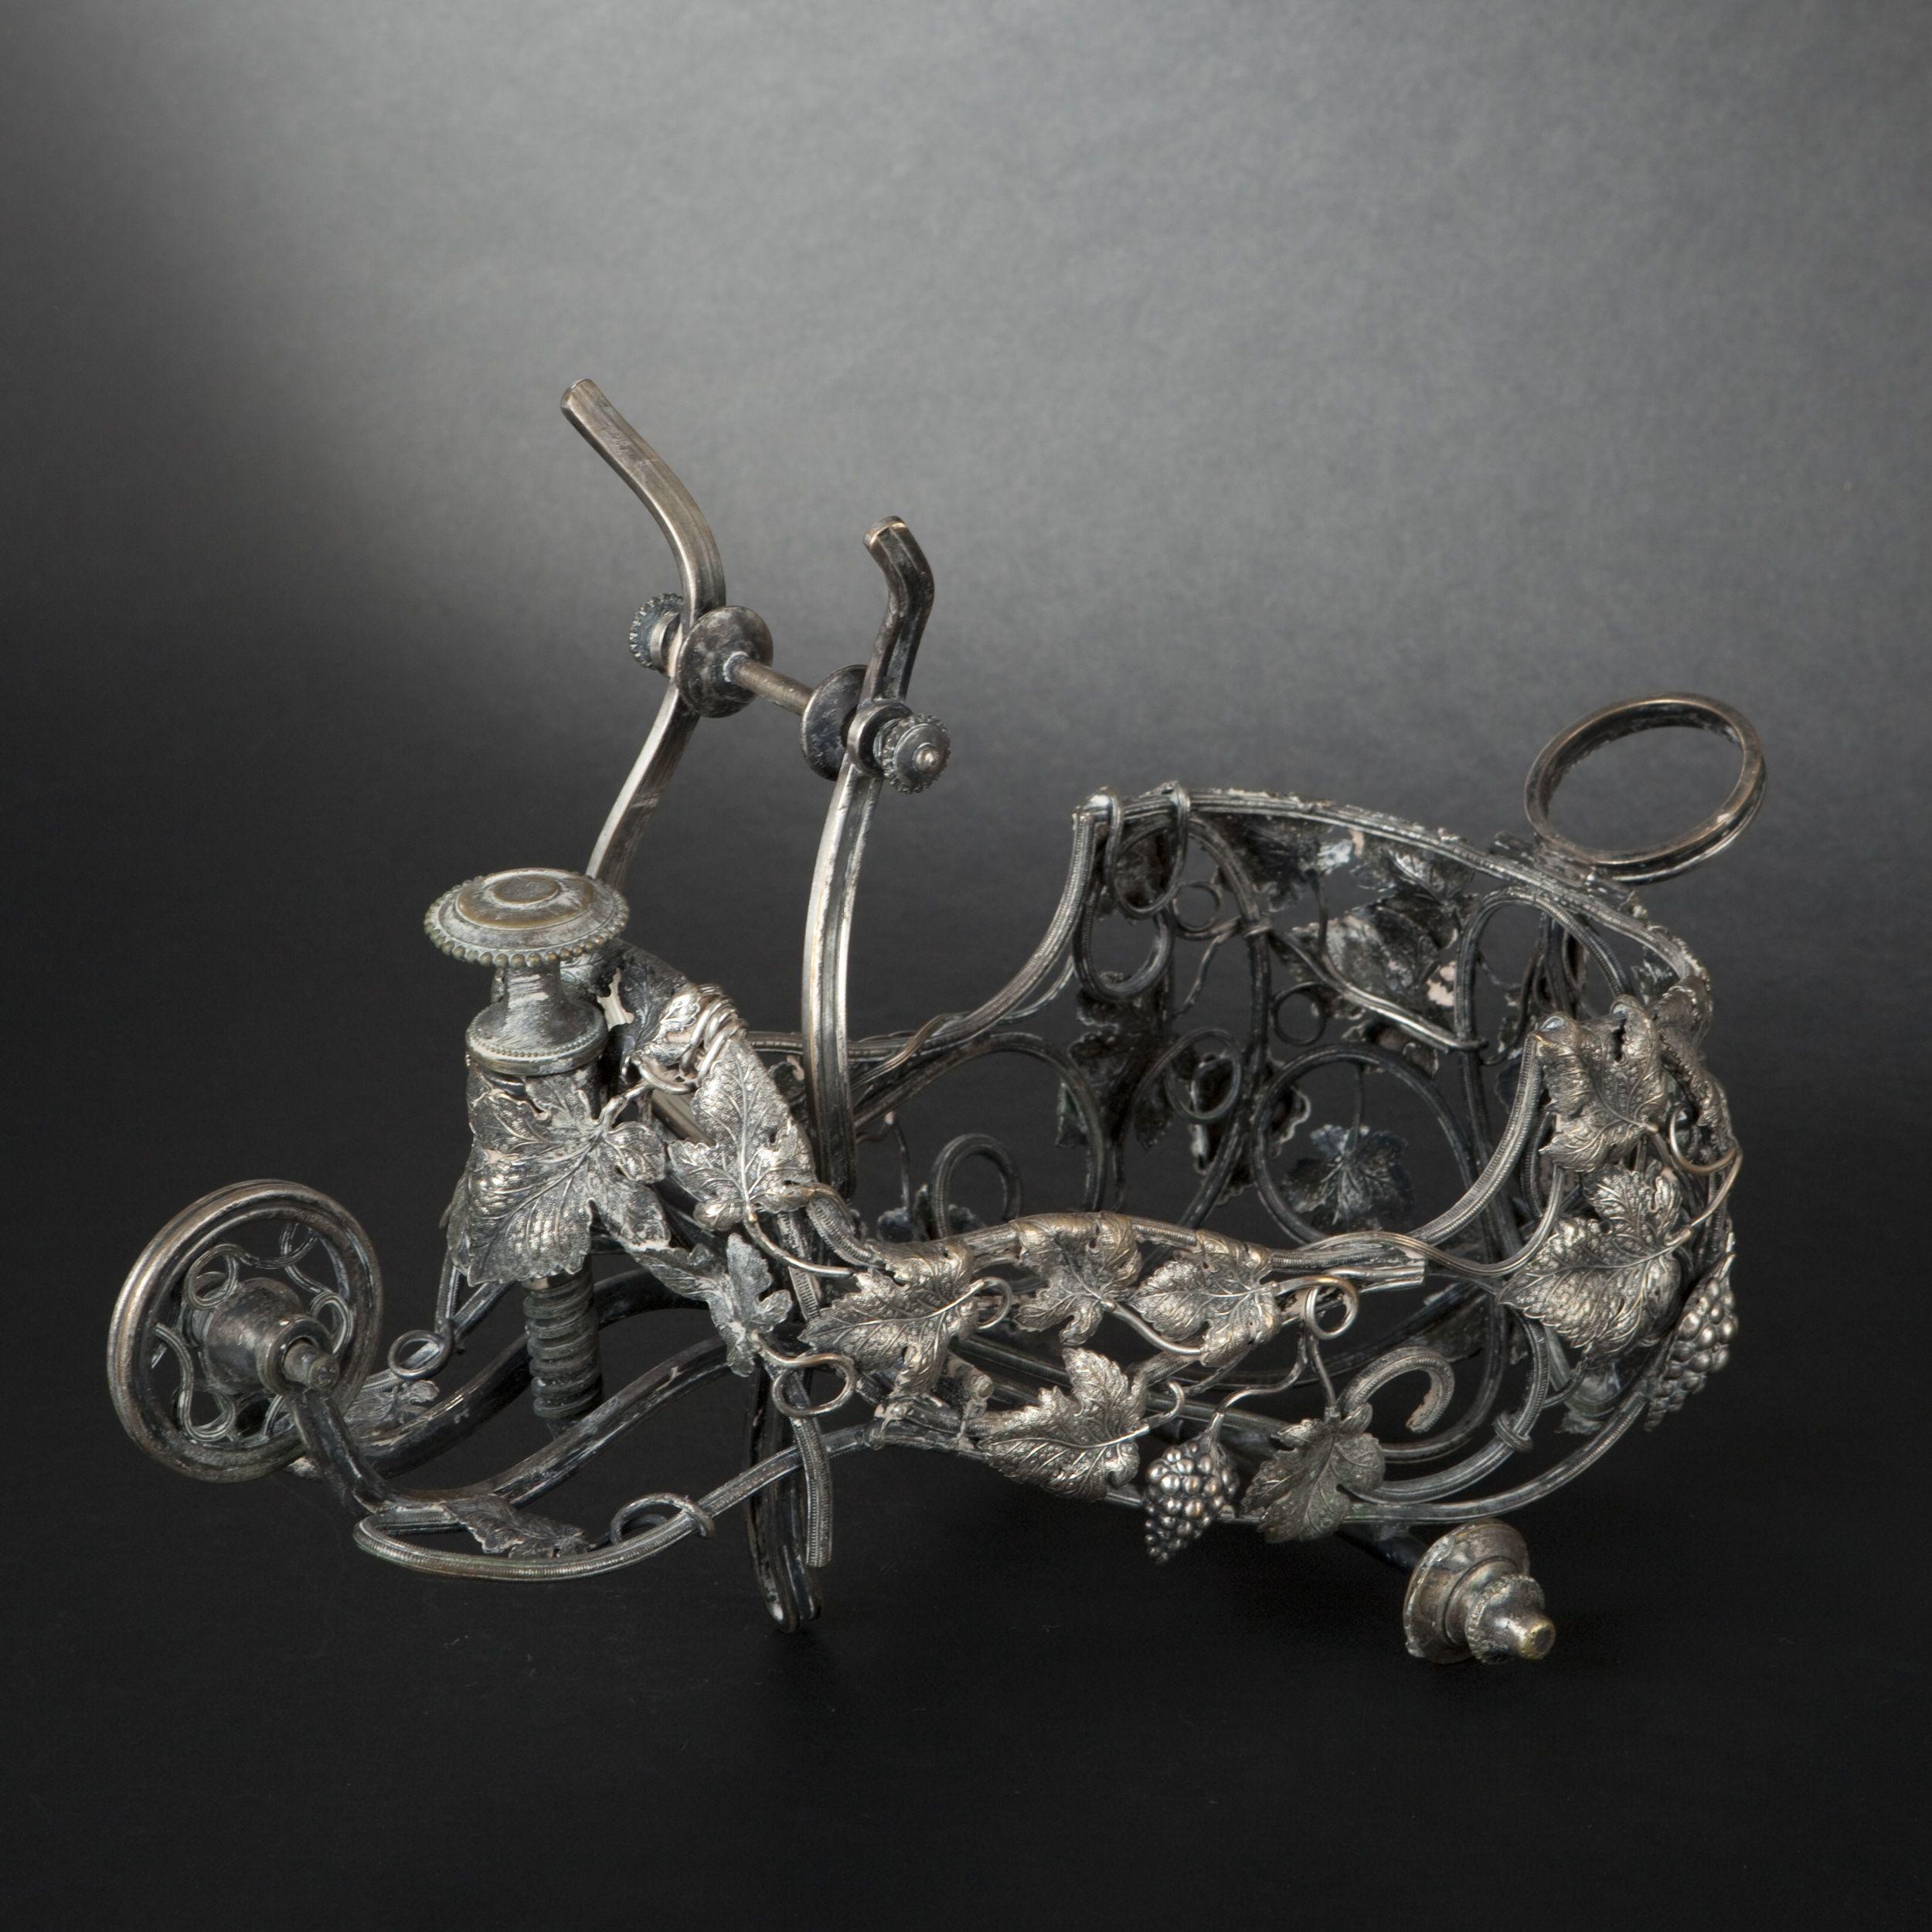 Porte bouteille en métal argenté